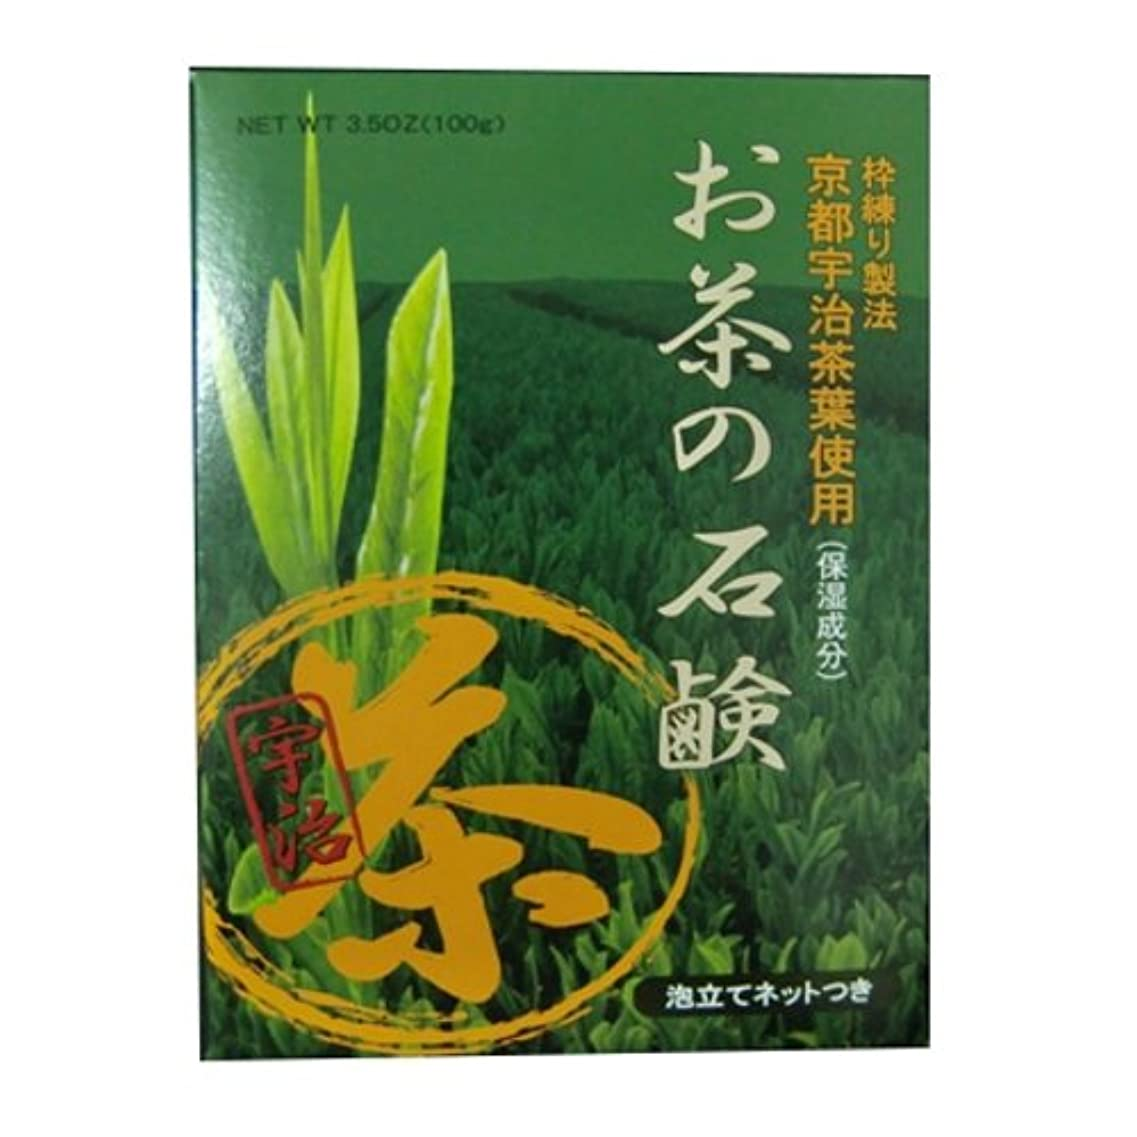 応援するベル燃やすお茶の石鹸 ハーバルグリーンソープ 100g